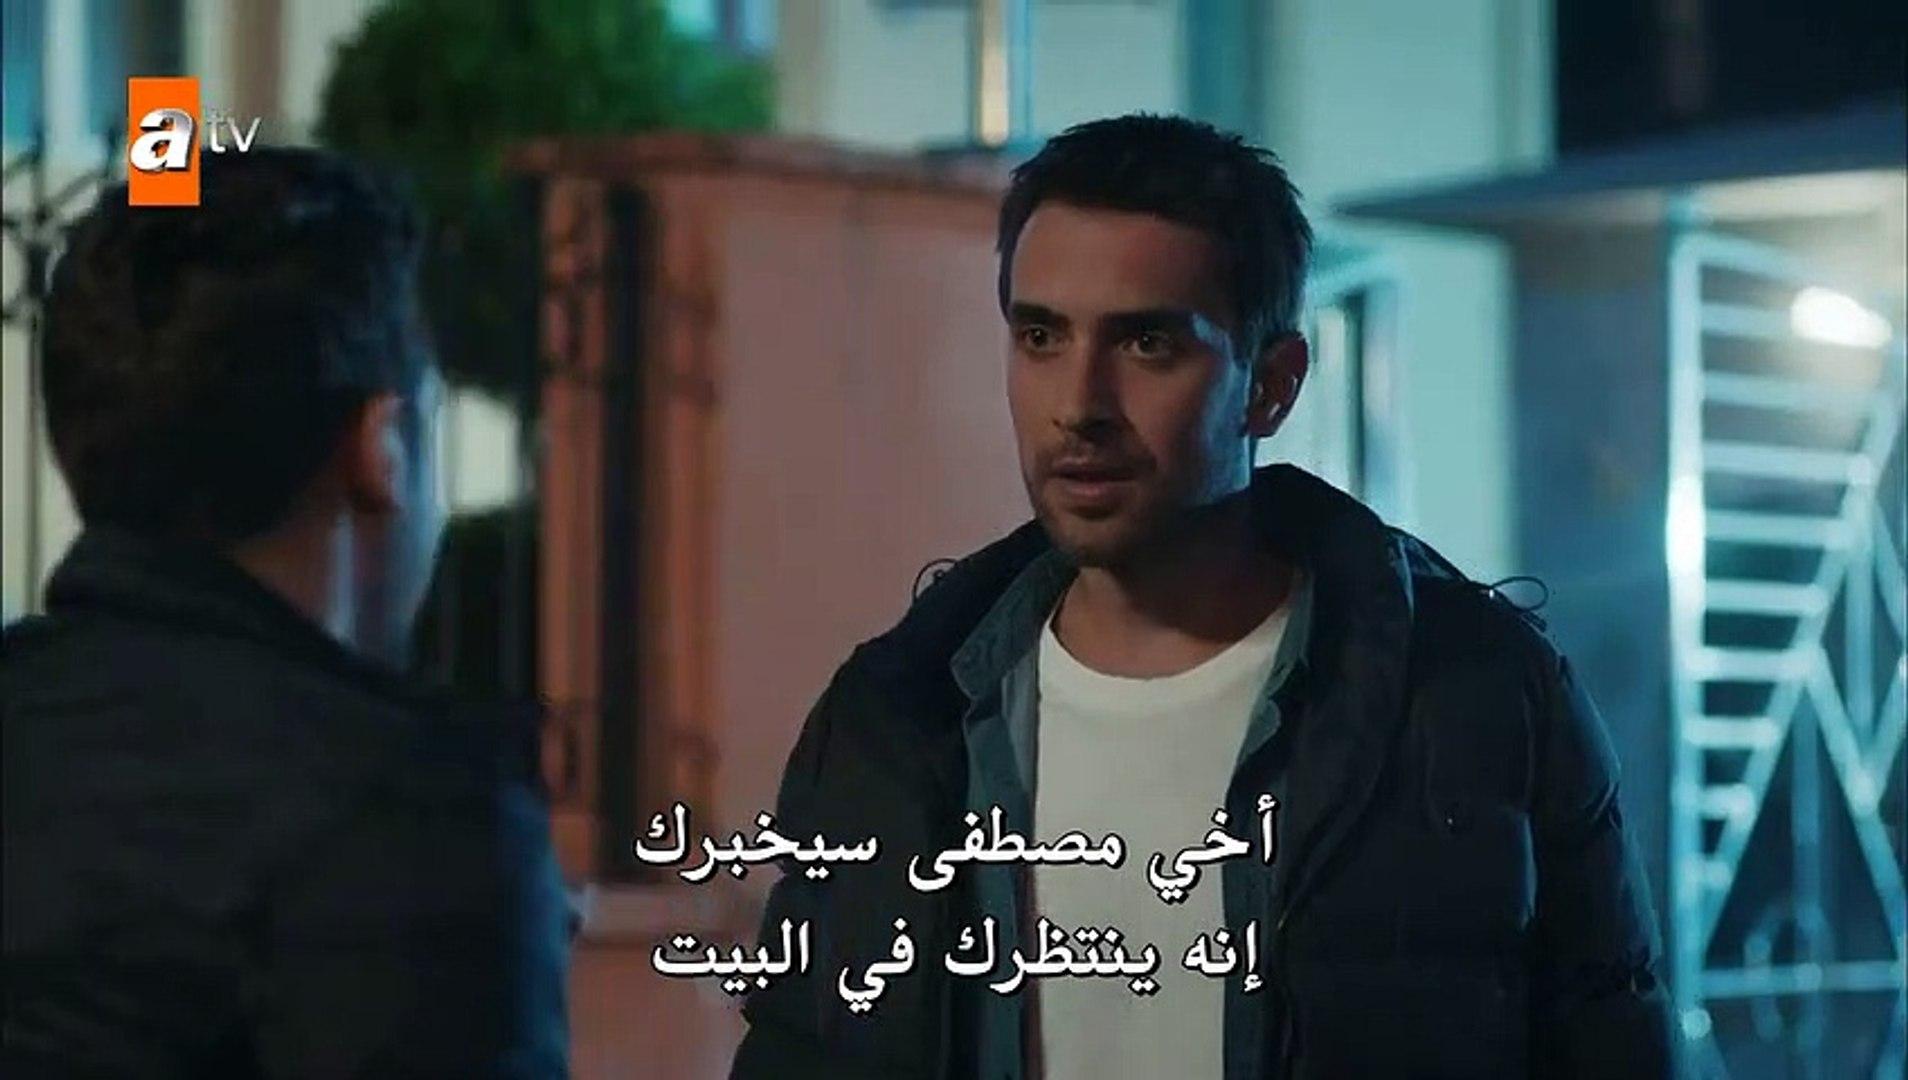 مسلسل اشرح أيها البحر الأسود الحلقة 12 كاملة القسم 3 مترجمة للعربية